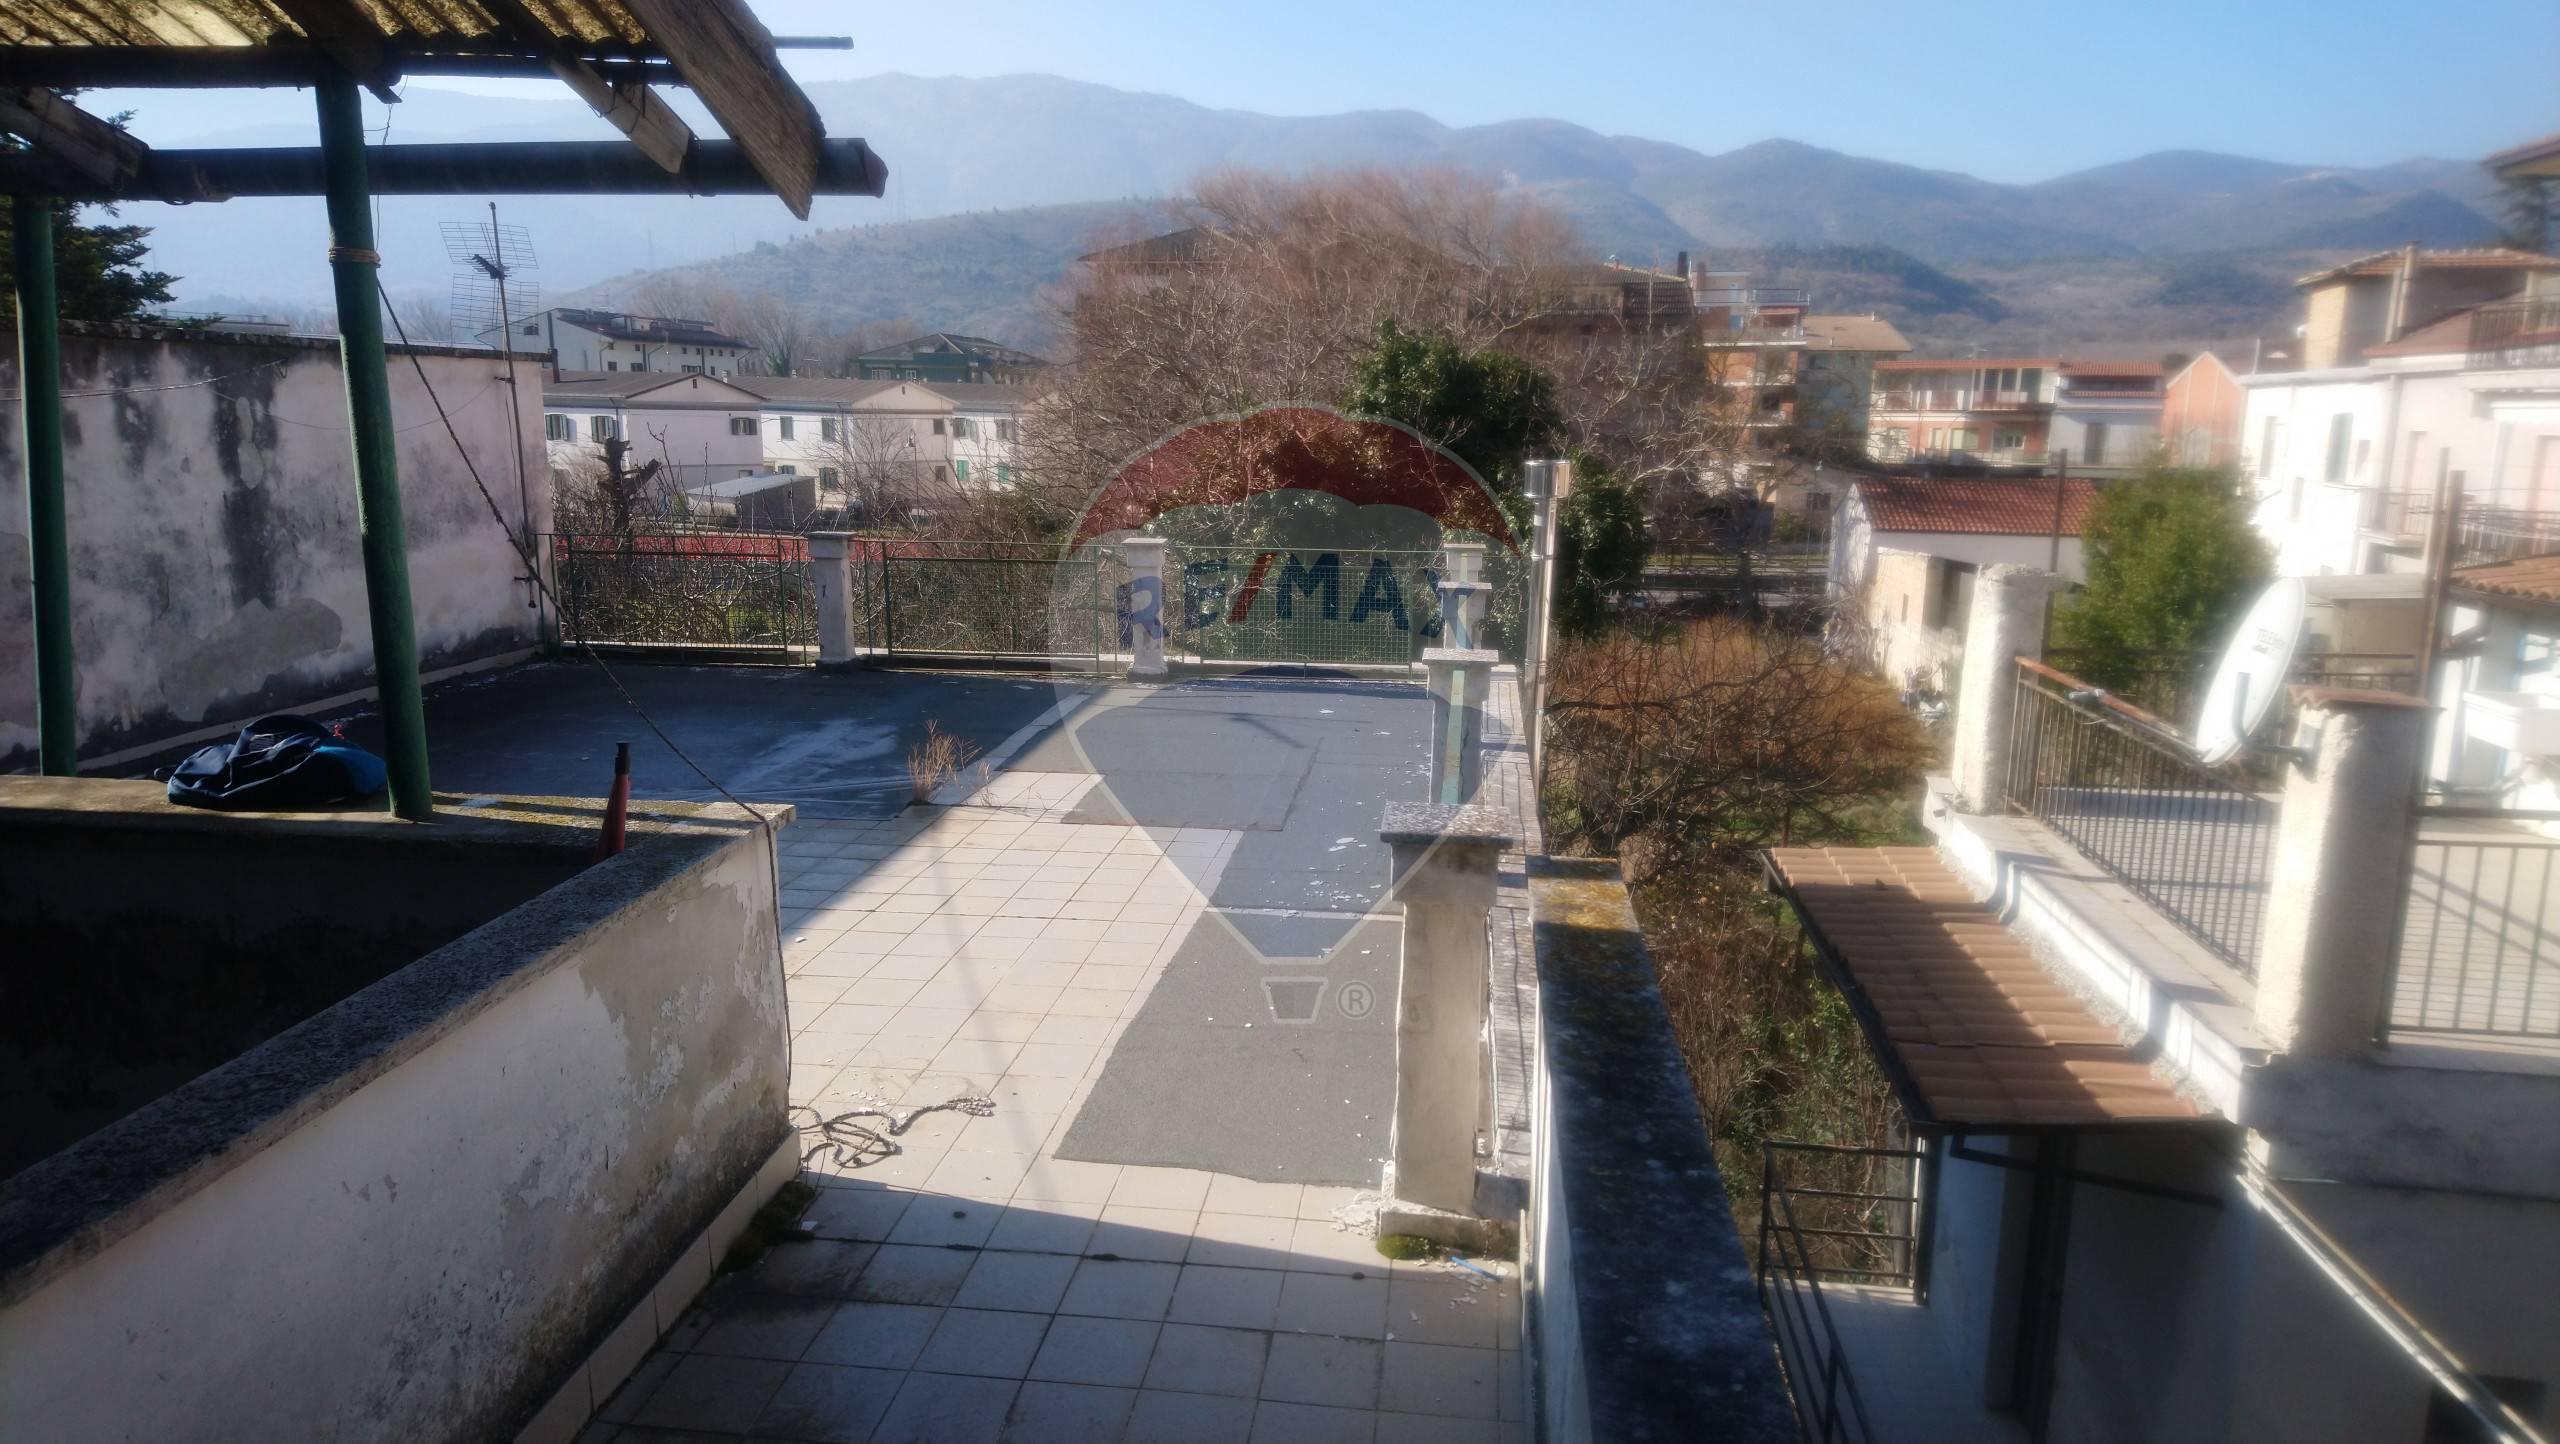 Soluzione Semindipendente in vendita a Popoli, 9 locali, prezzo € 60.000 | CambioCasa.it